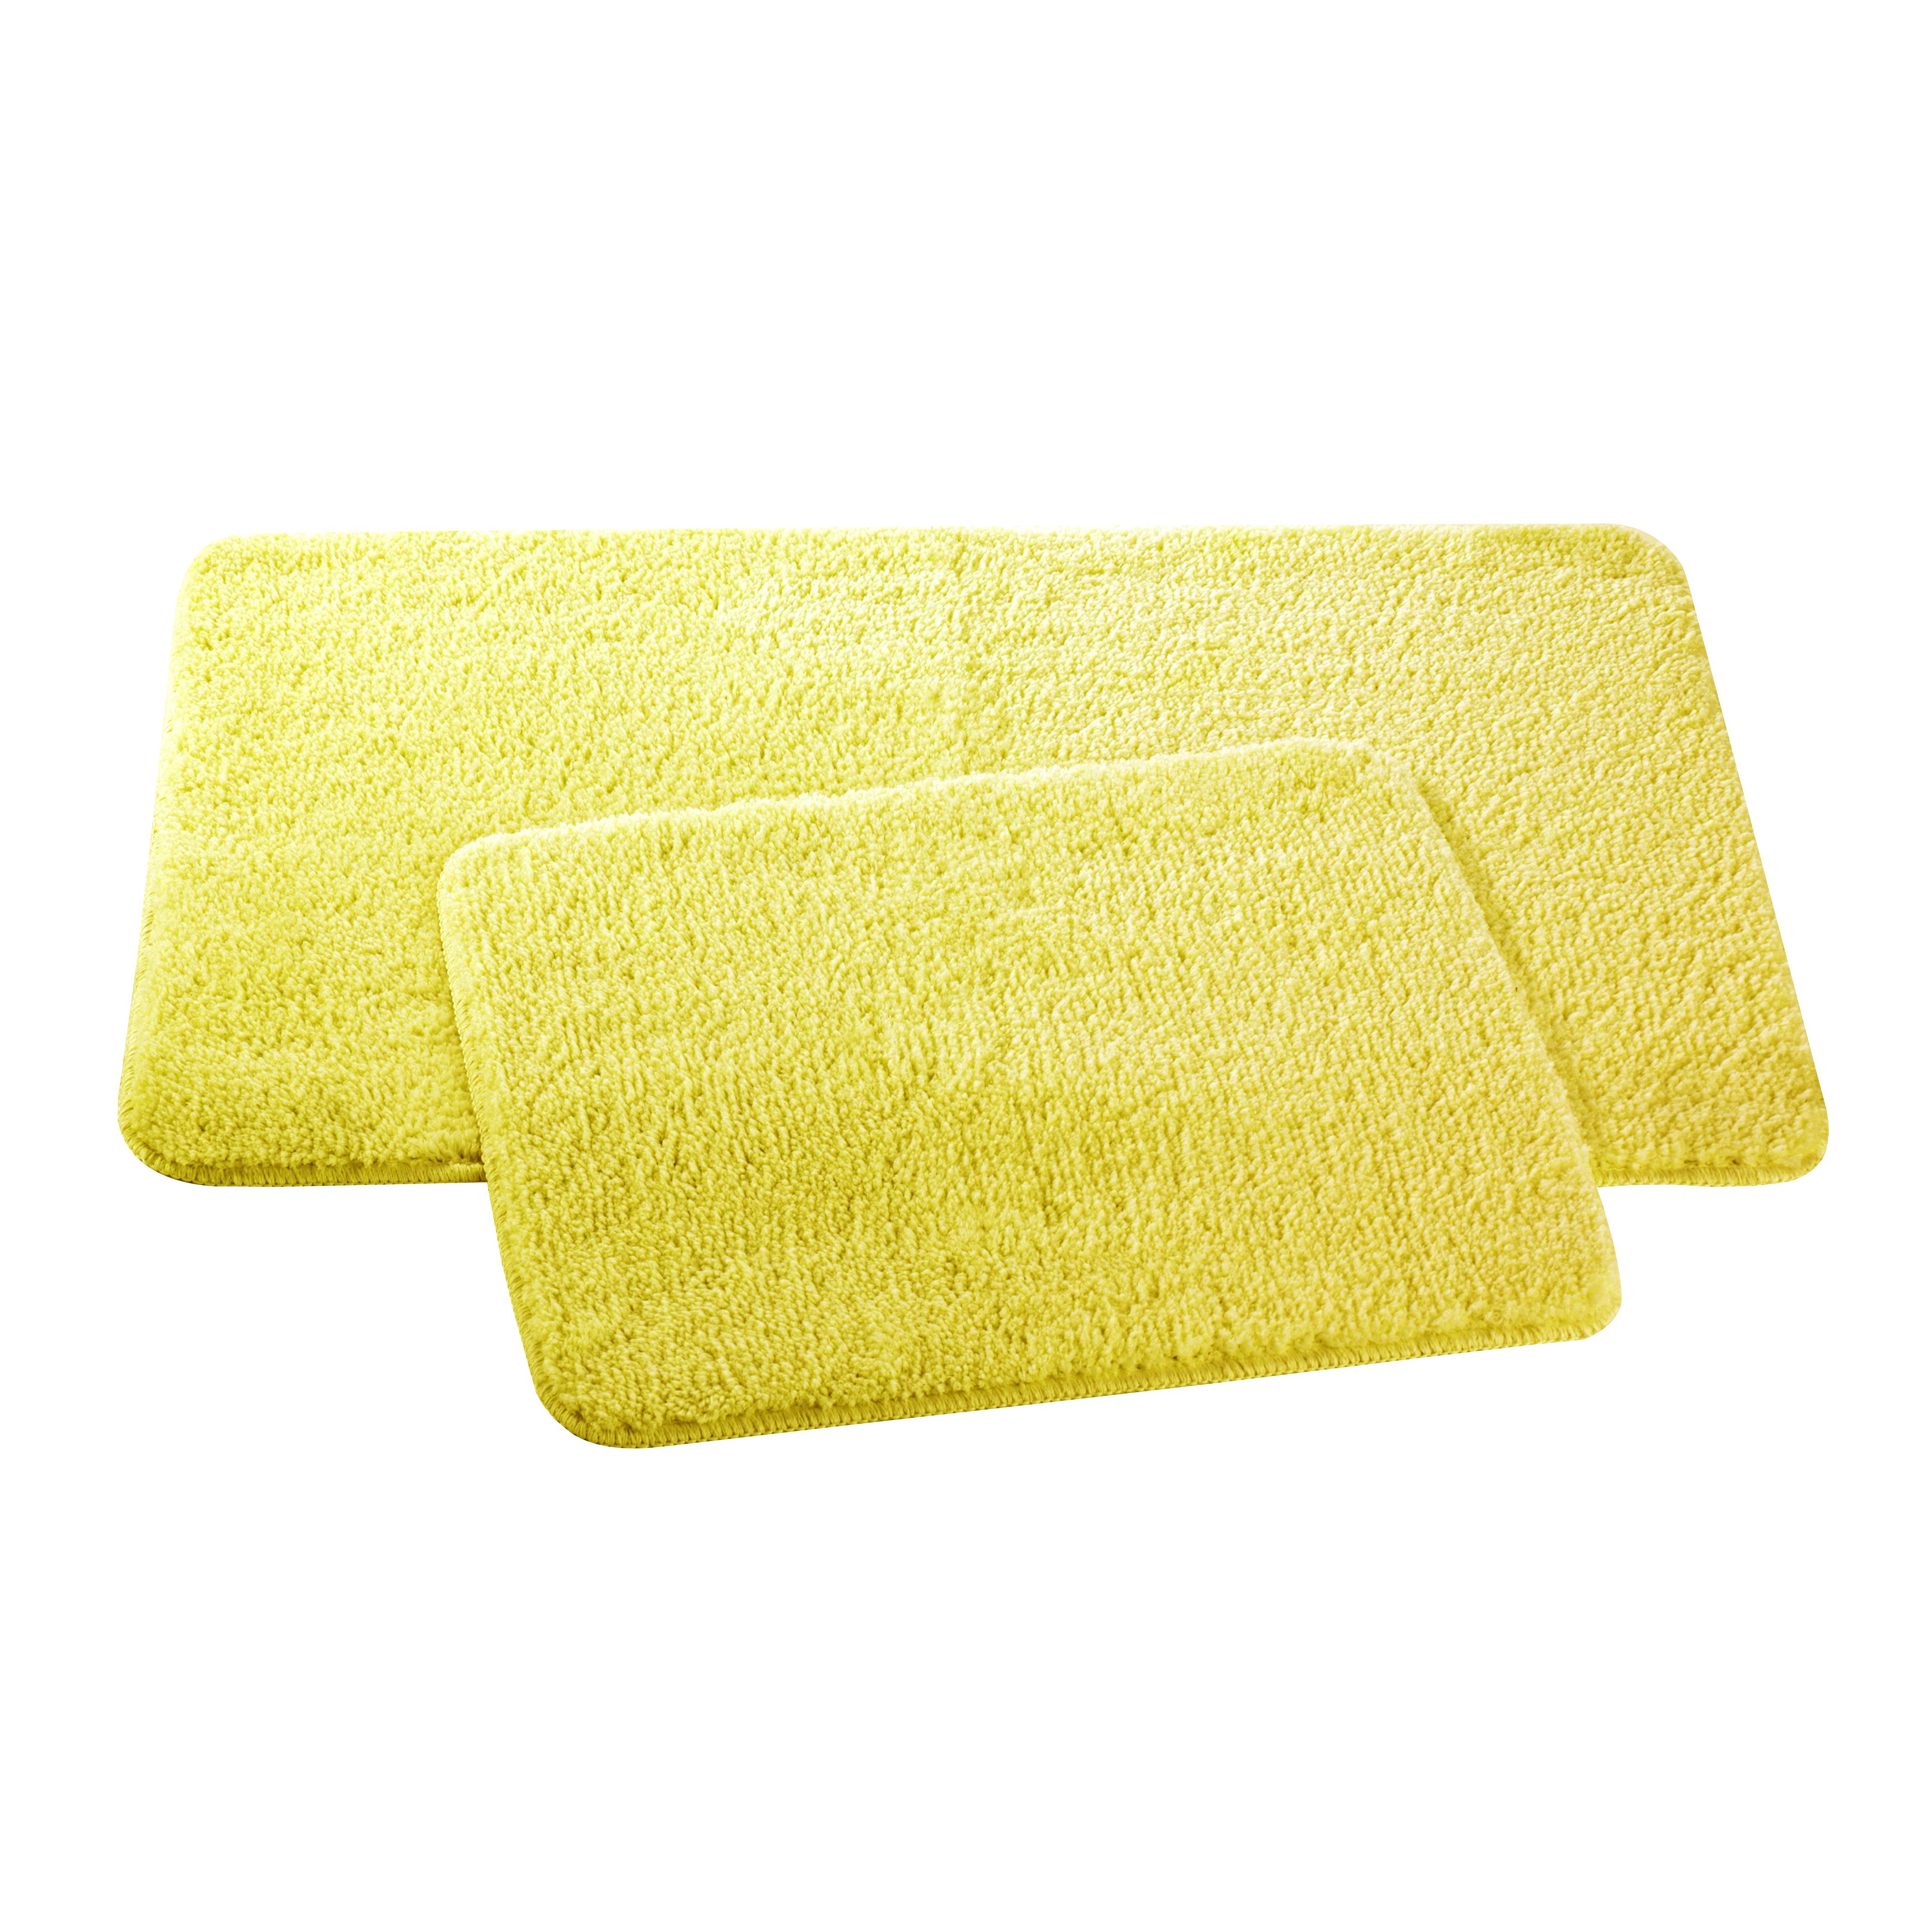 Набор ковриков для ванной и туалета Axentia, цвет: желтый, 2 шт116131Набор Axentia, выполненный из микрофибры (100% полиэстер), состоит из двух стеганых ковриков для ванной комнаты и туалета. Противоскользящее основание изготовлено из термопластичной резины и подходит для полов с подогревом. Коврики мягкие и приятные на ощупь, отлично впитывают влагу и быстро сохнут. Высокая износостойкость ковриков и стойкость цвета позволит вам наслаждаться покупкой долгие годы. Можно стирать в стиральной машине. Размер ковриков: 50 х 80 см; 50 х 40 см. Высота ворса 1,5 см.